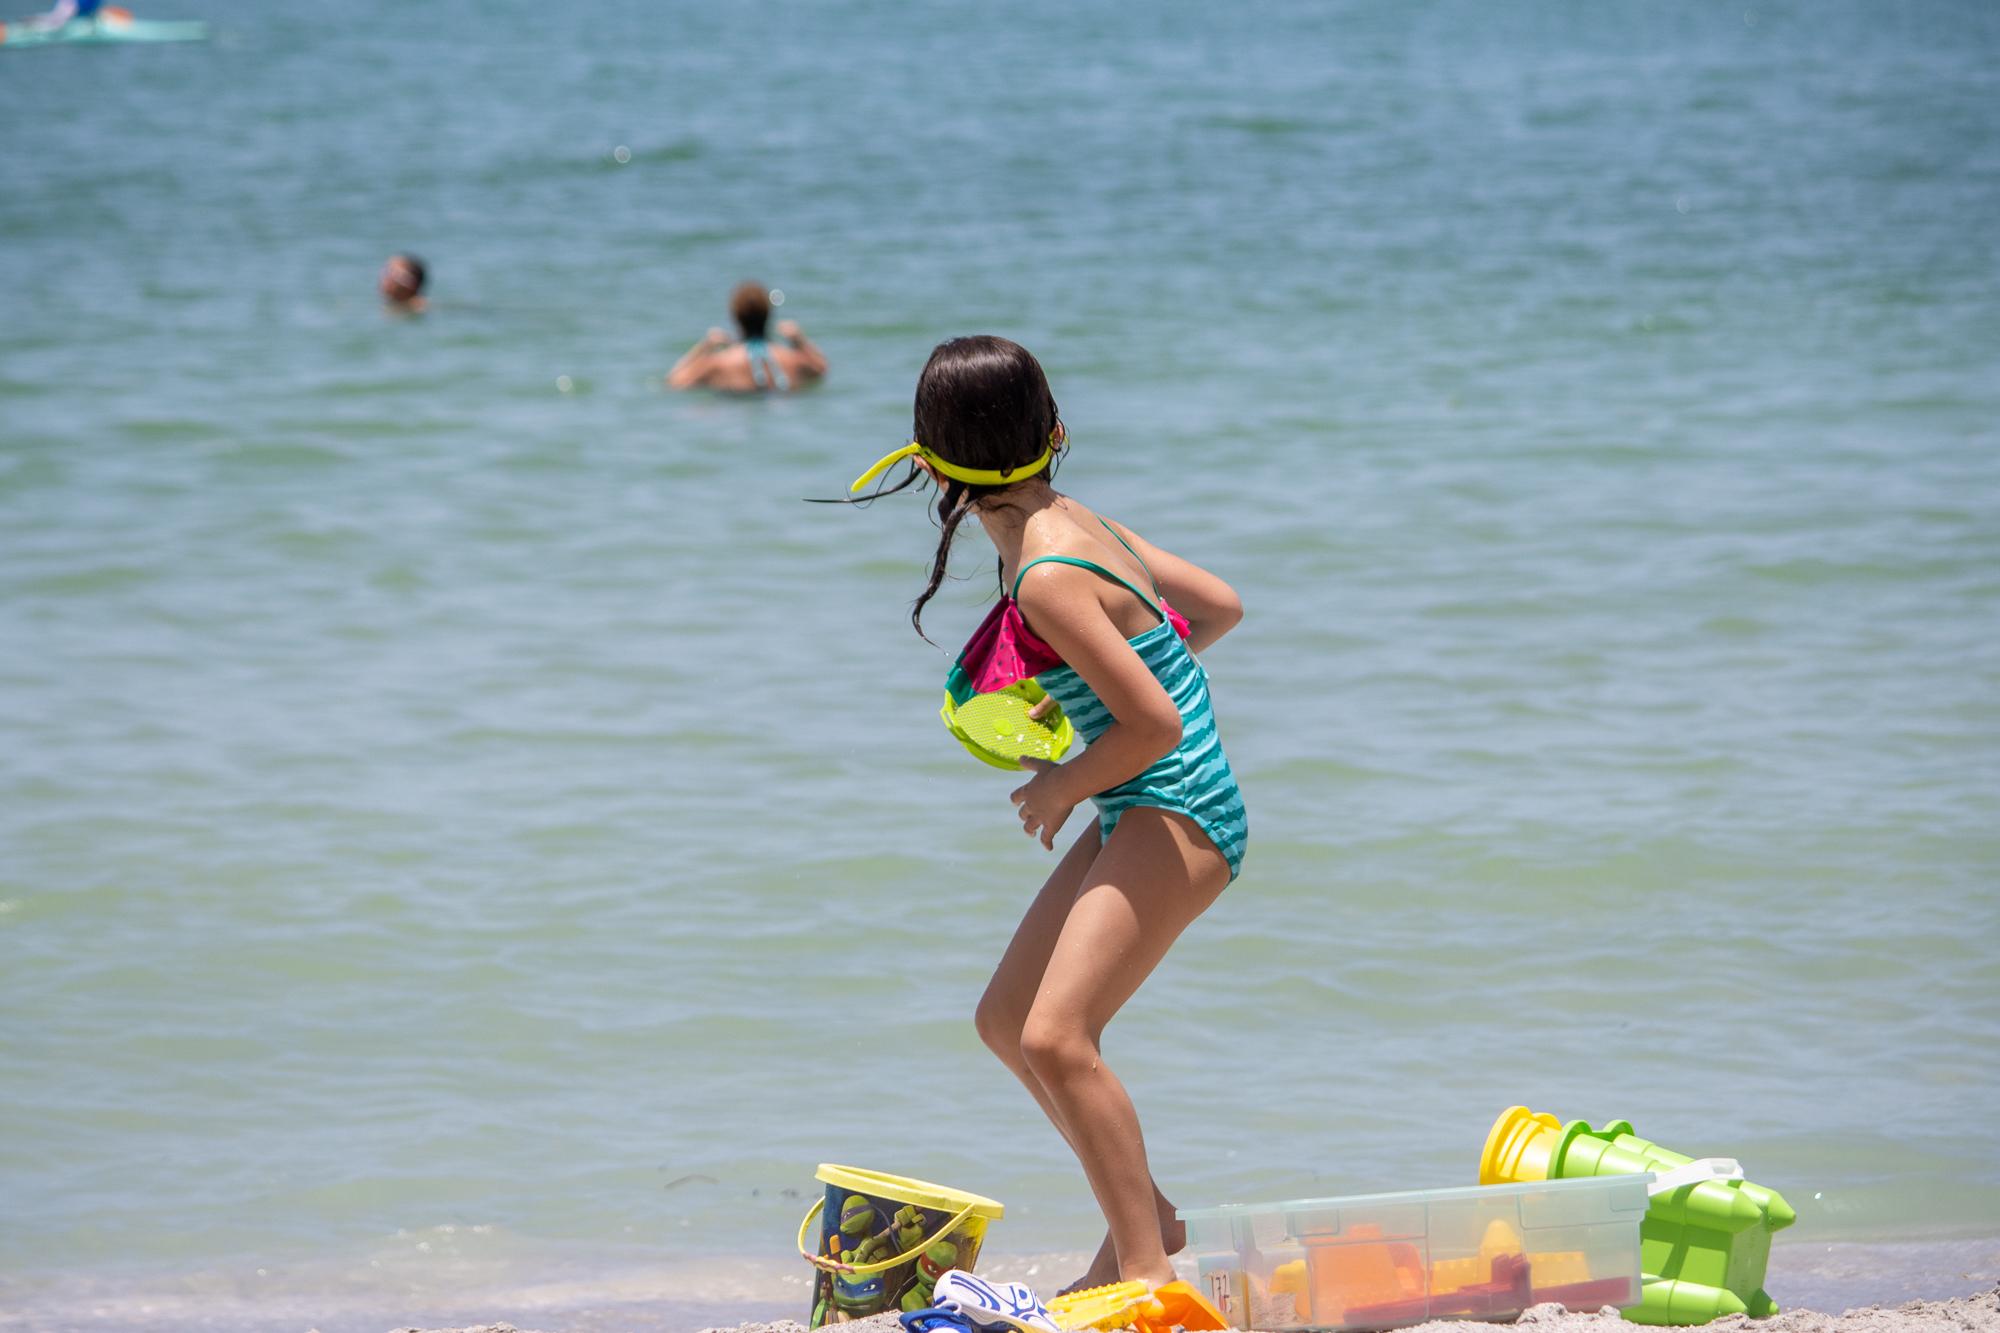 2020-07-03-Florida-Vacation-2